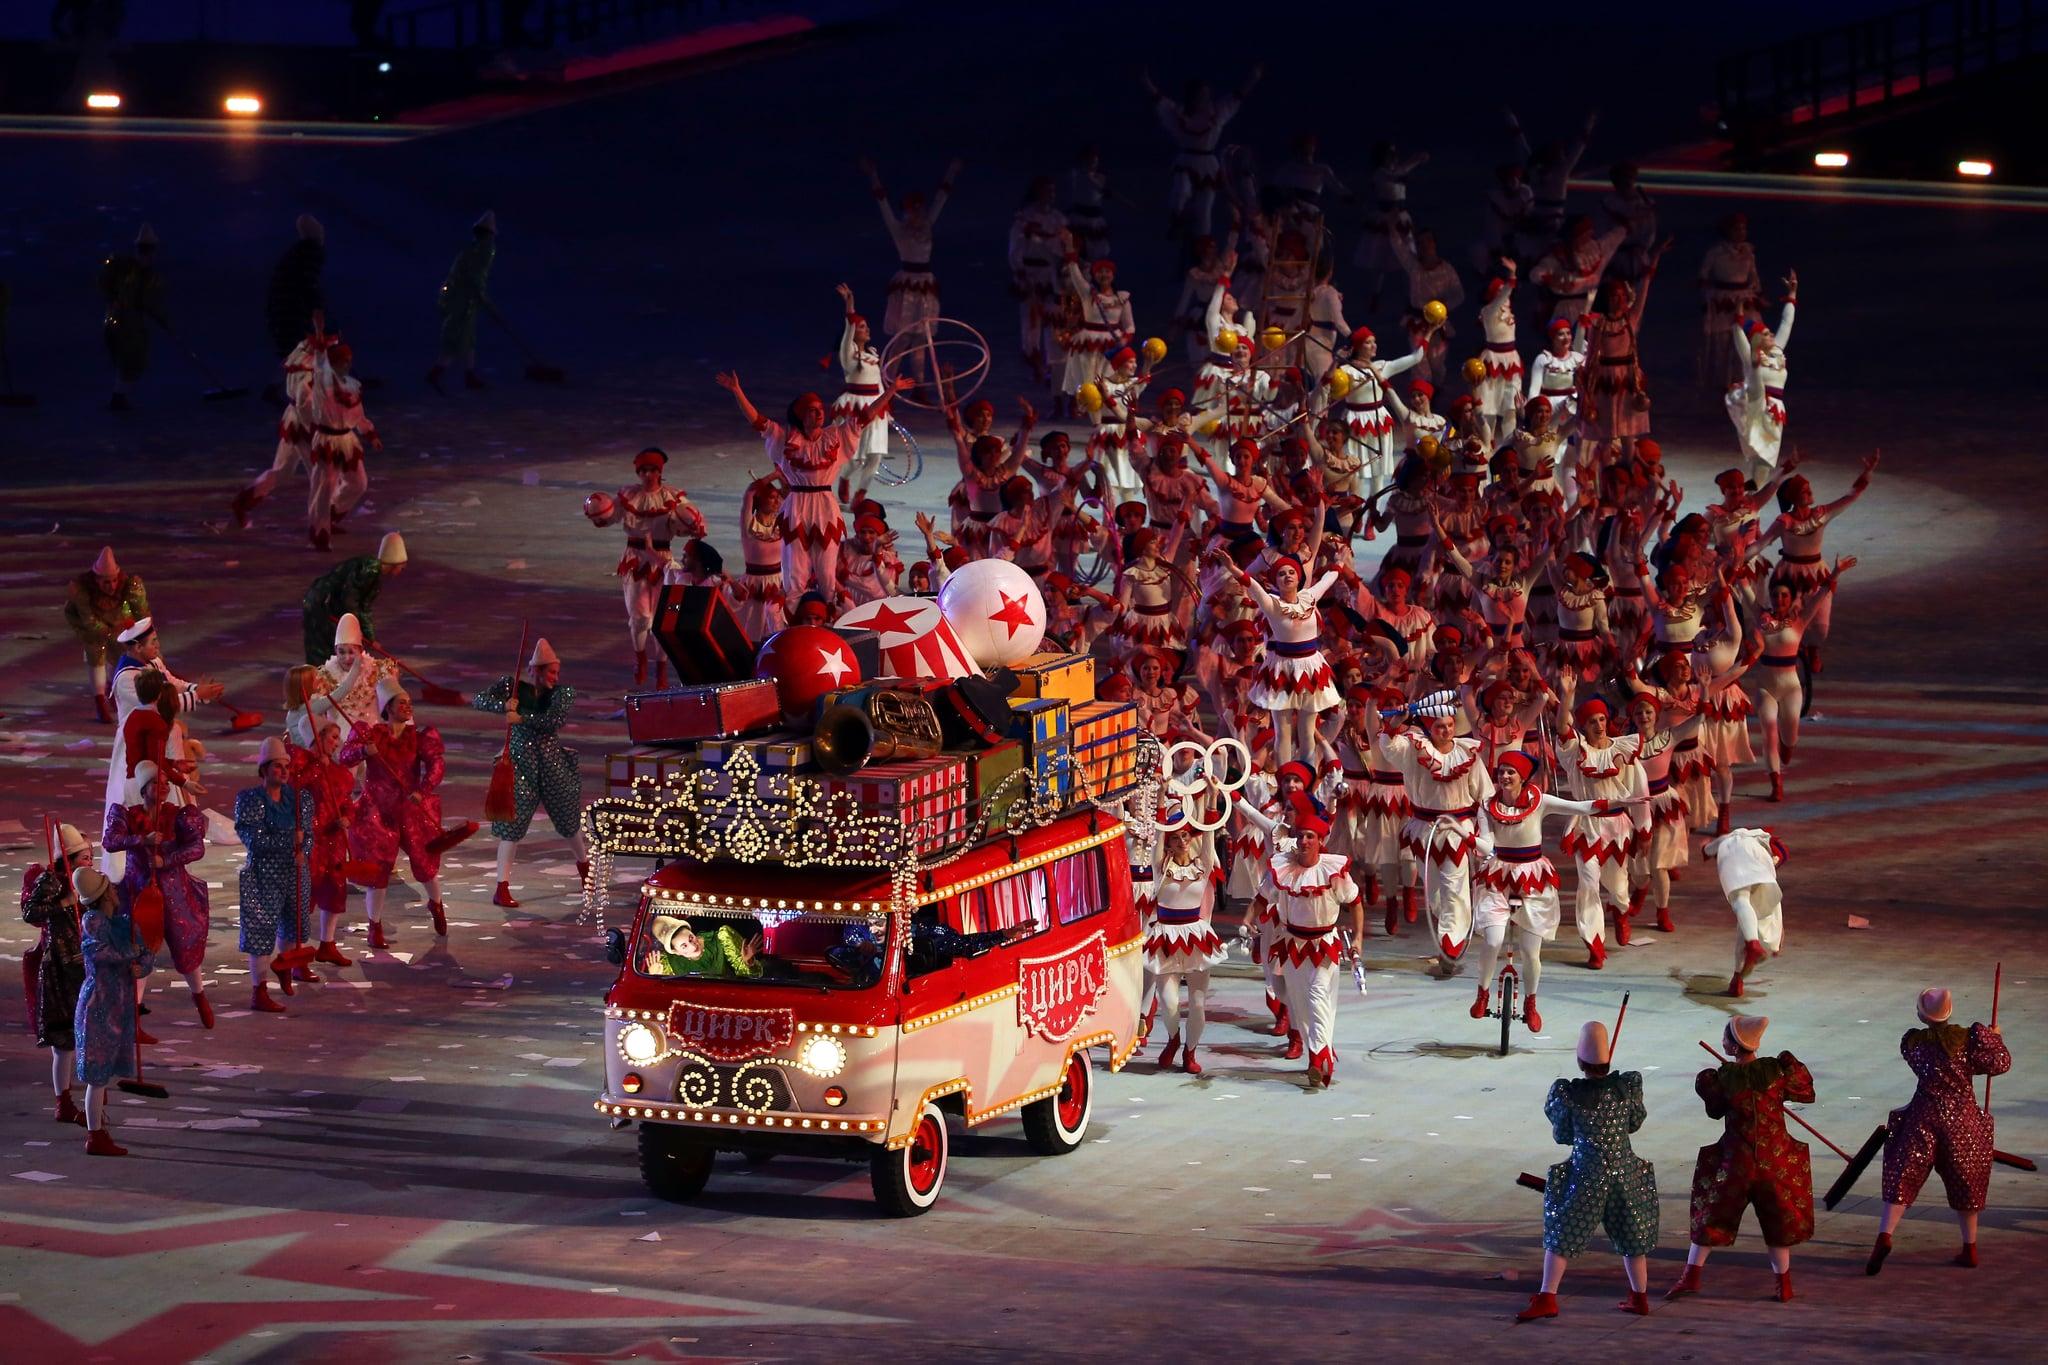 A circus bus made its way through the stadium.